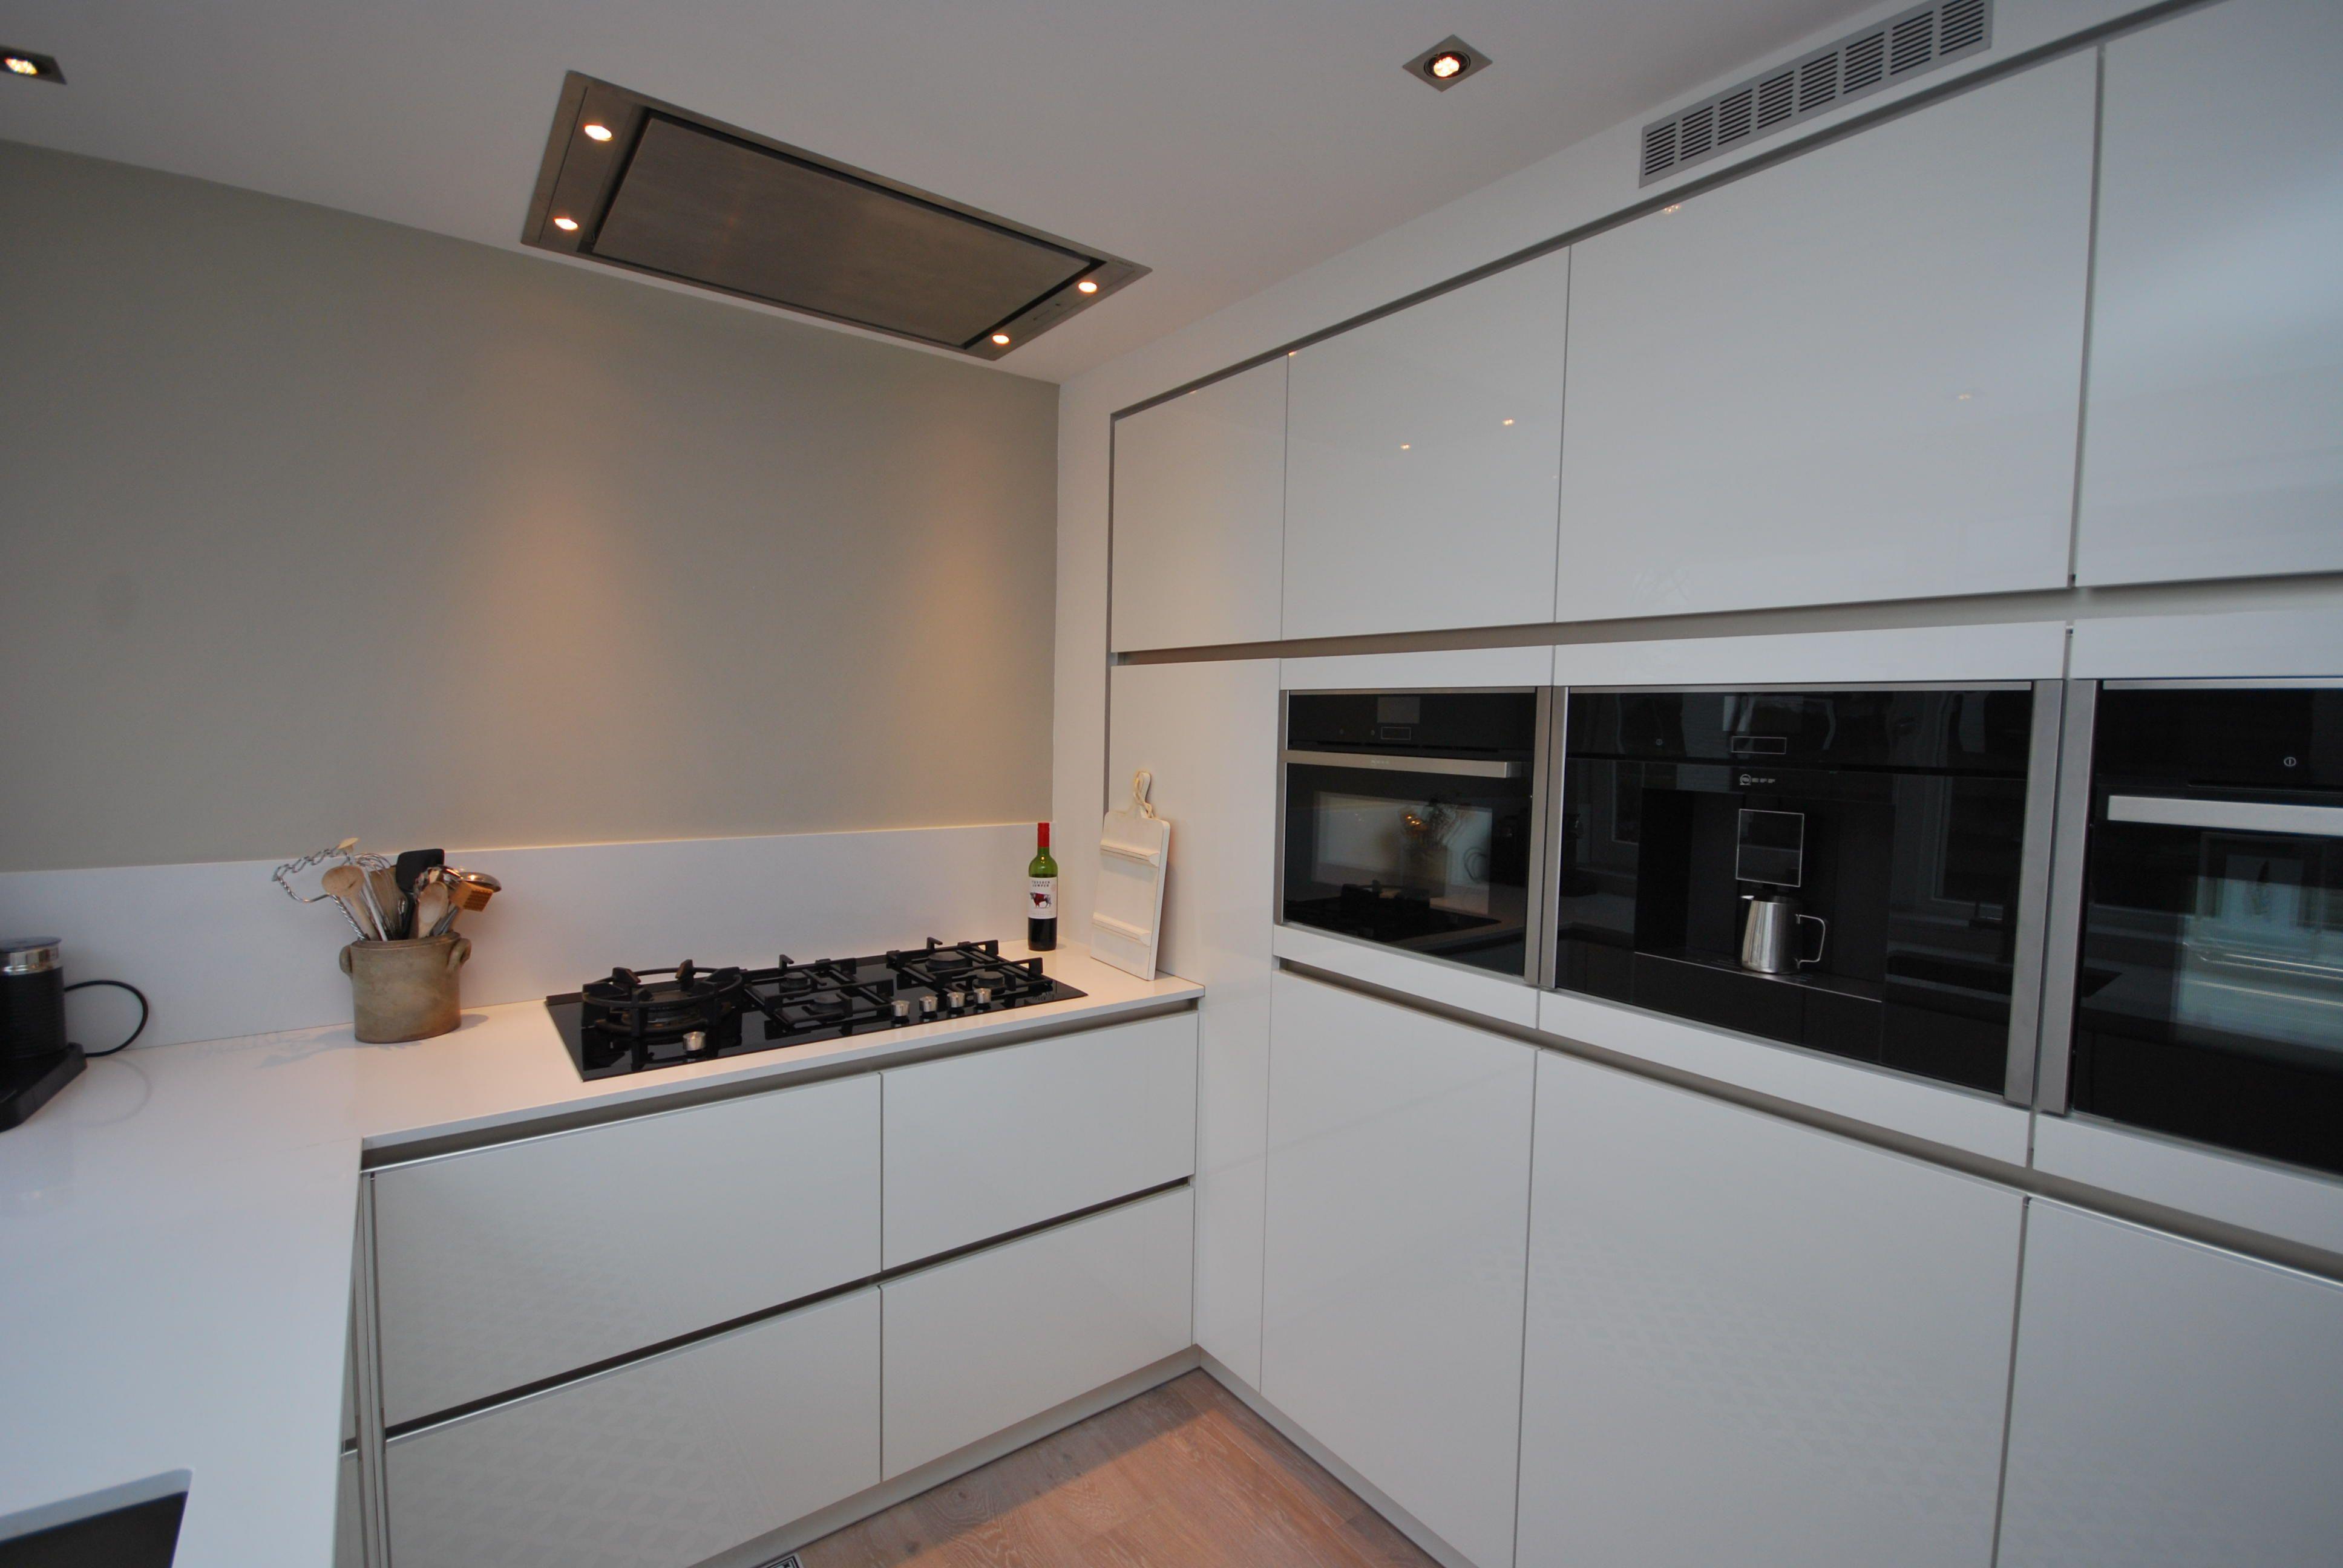 Koffiemachine De Keuken : De ruime keuken is voorzien van een # apparatenwand met